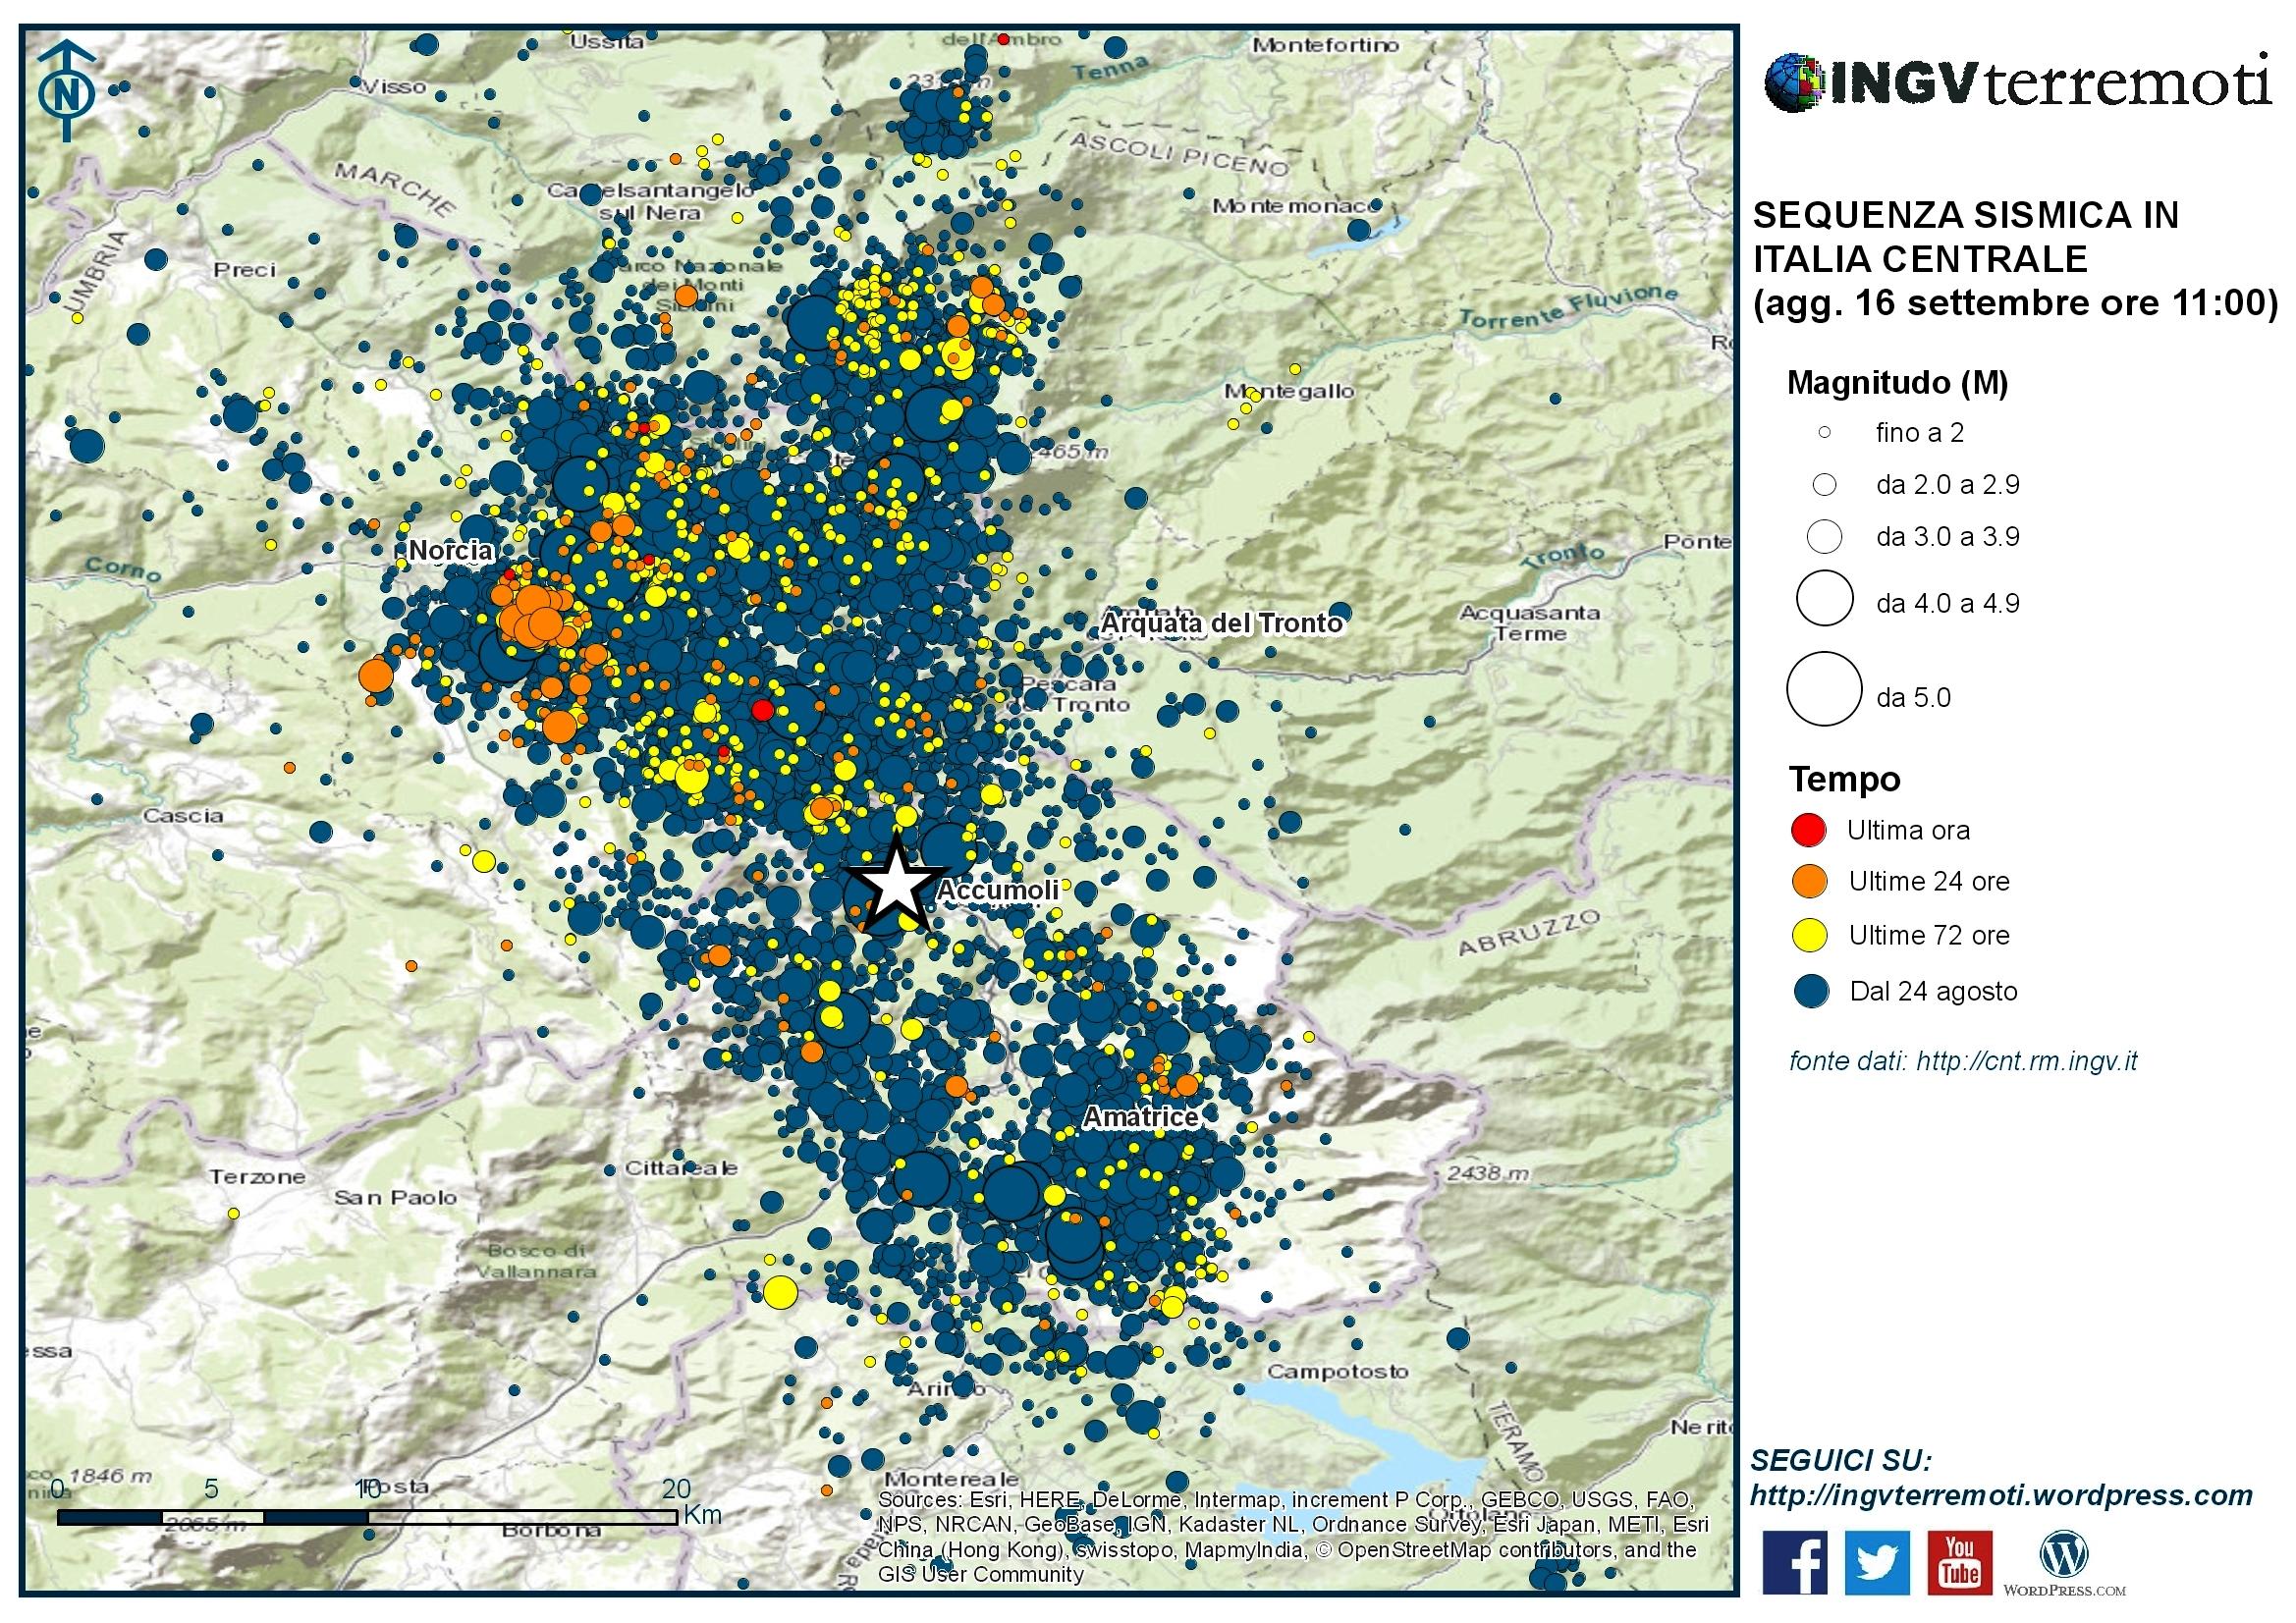 Sequenza sismica in Italia centrale: aggiornamento 16 settembre, ore 11:00